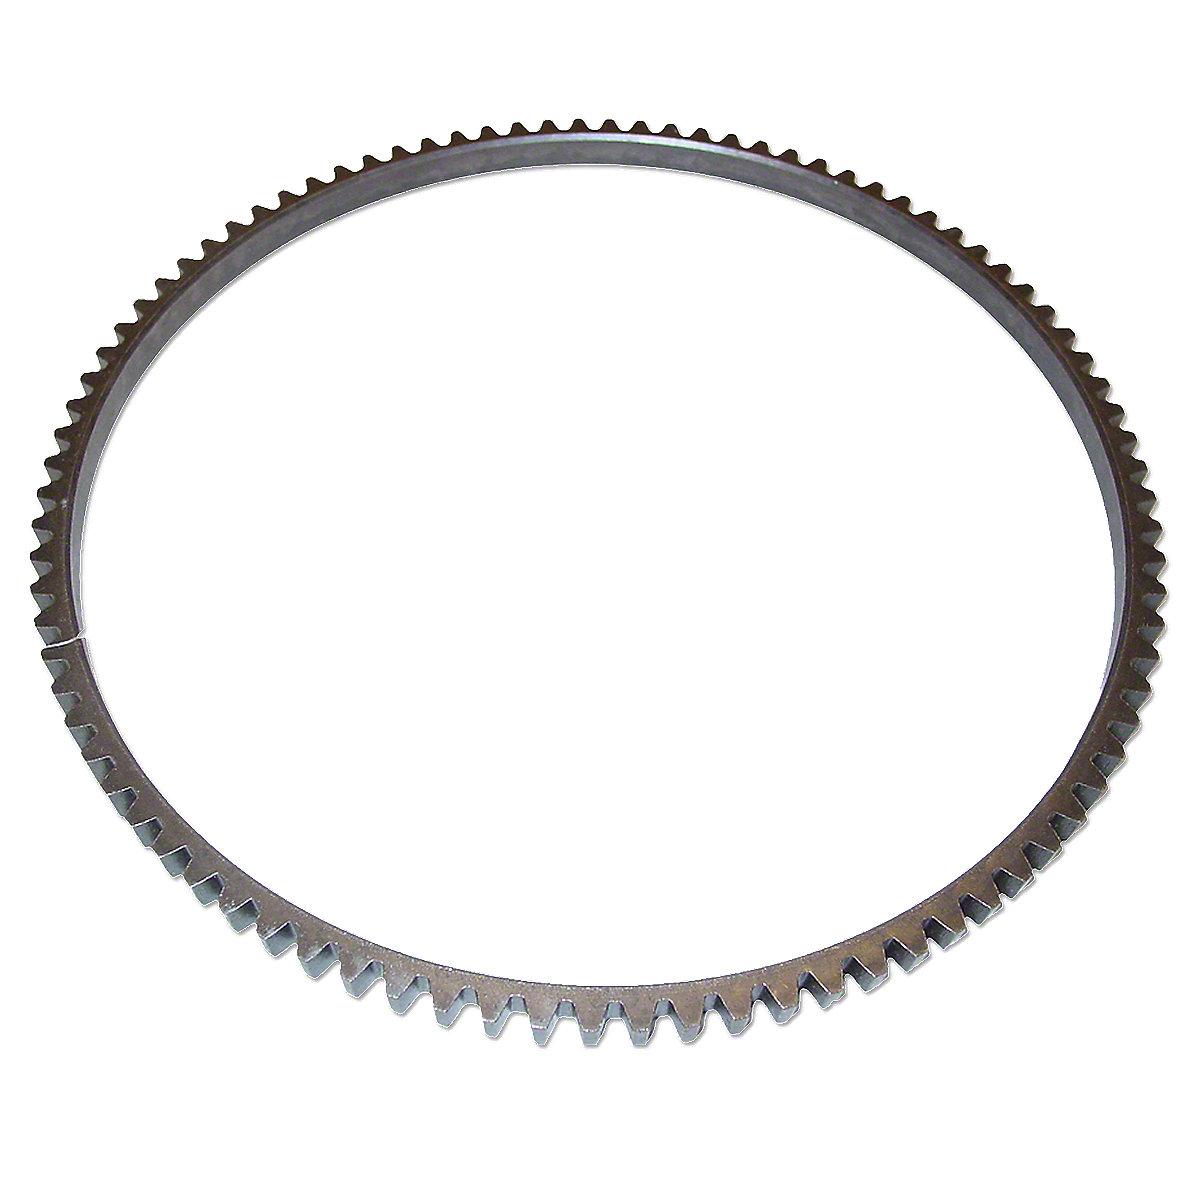 Flywheel Ring Gear For Allis Chalmers: B, C, CA, IB